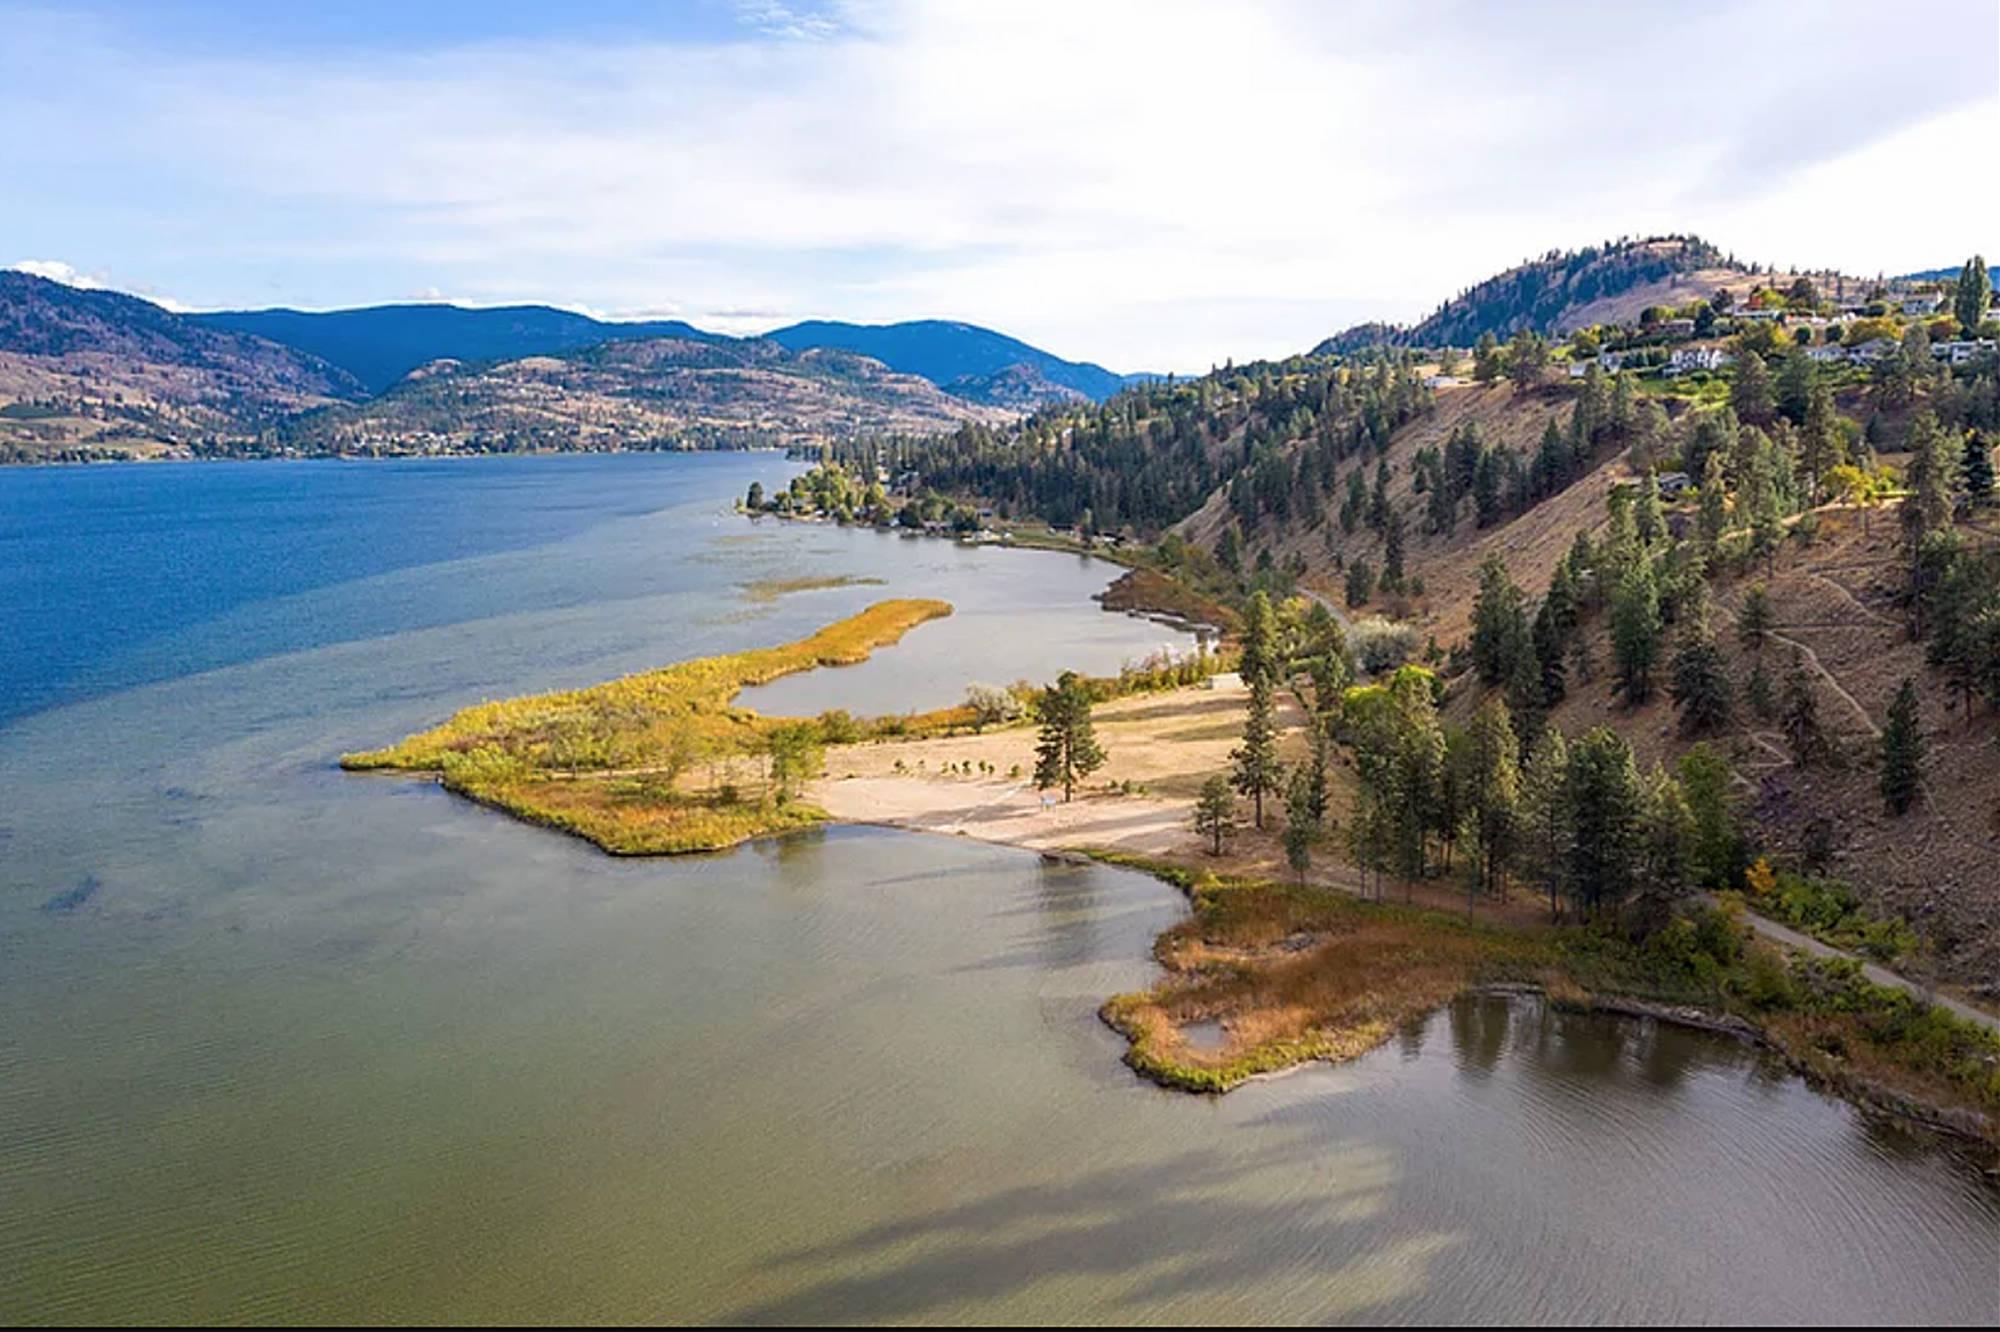 Sickle Point on Skaha Lake.